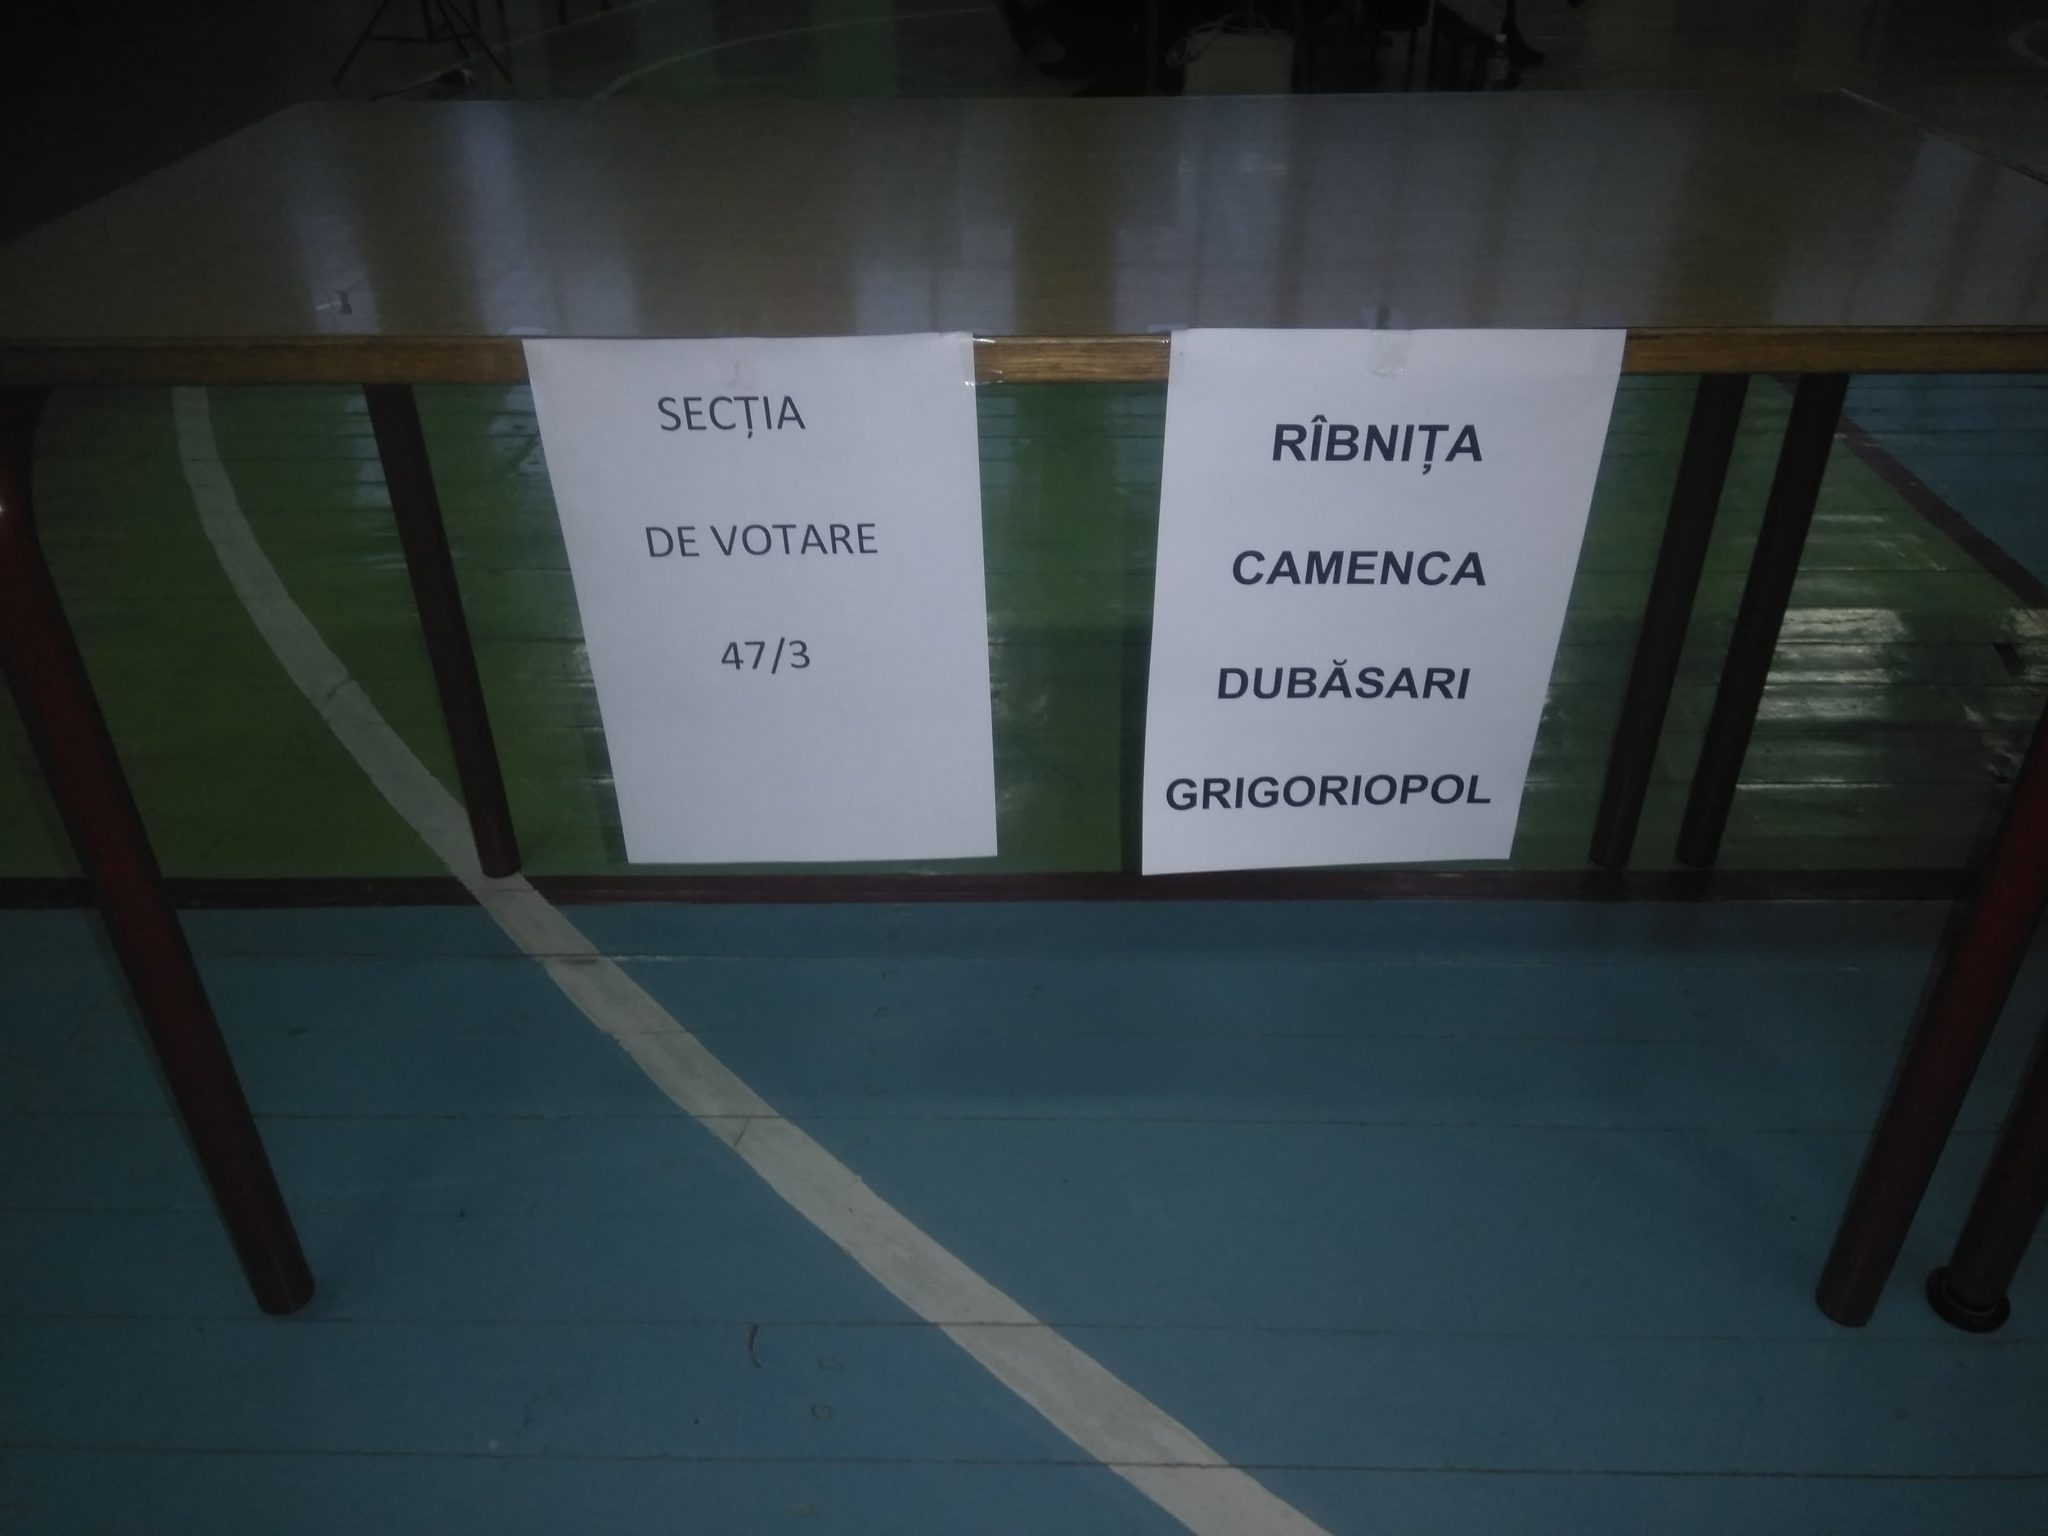 La cele patru secții de votare din Bălți, deschise pentru cetățenii din stânga Nistrului s-ao prezentat 10 alegători